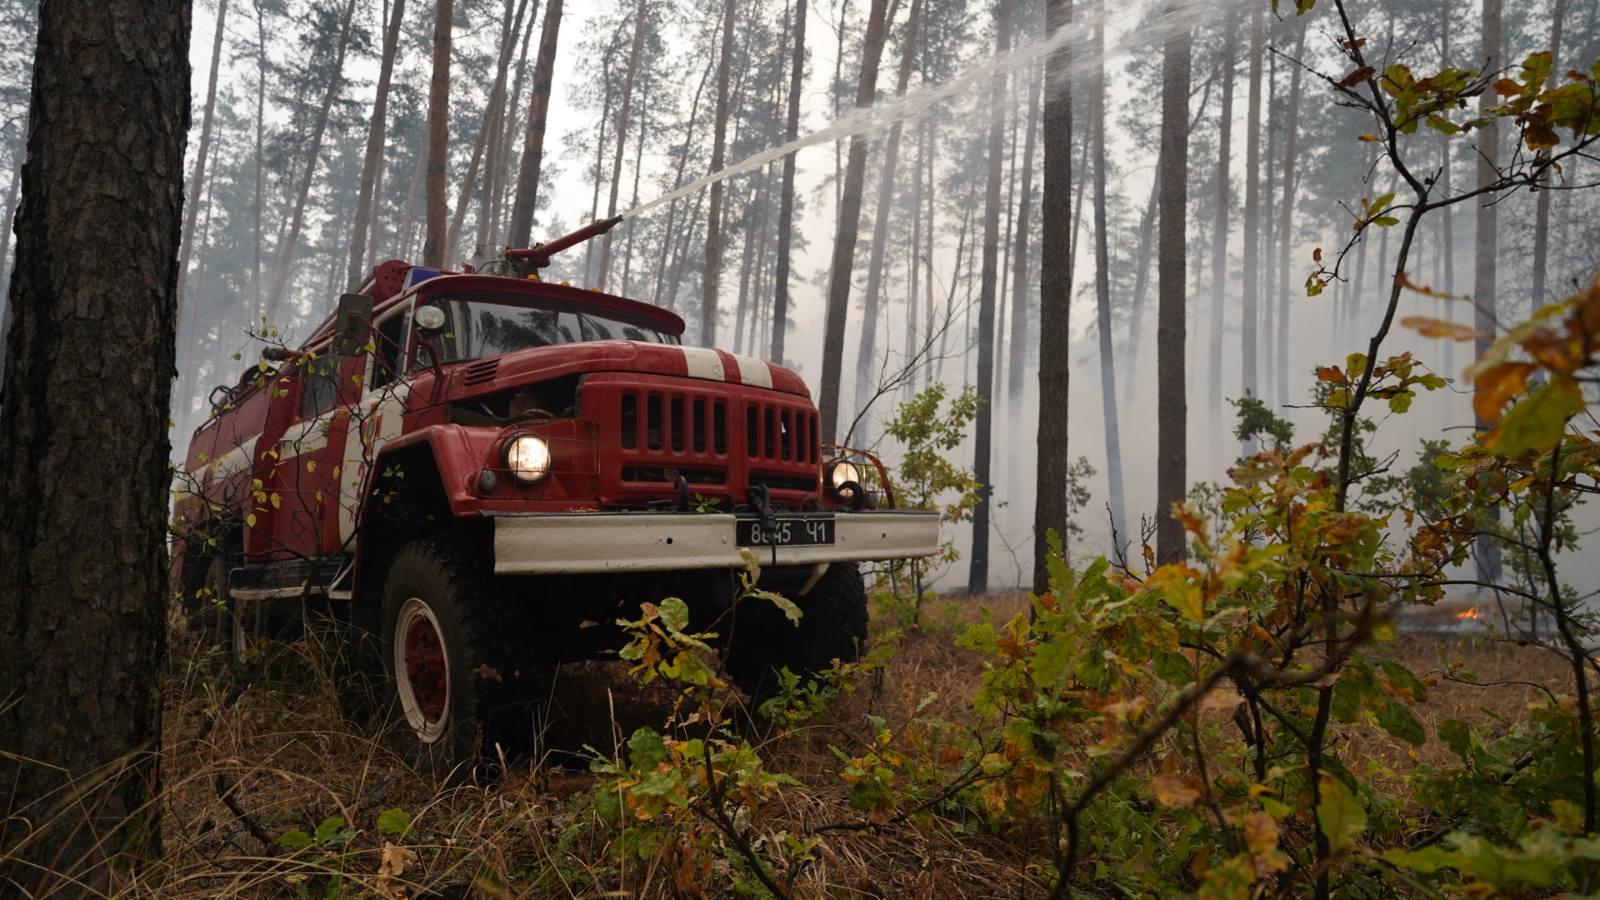 Пожары тушили «на бумаге». ГБР сообщил о подозрении 3 работникам ДСНС в Луганской области